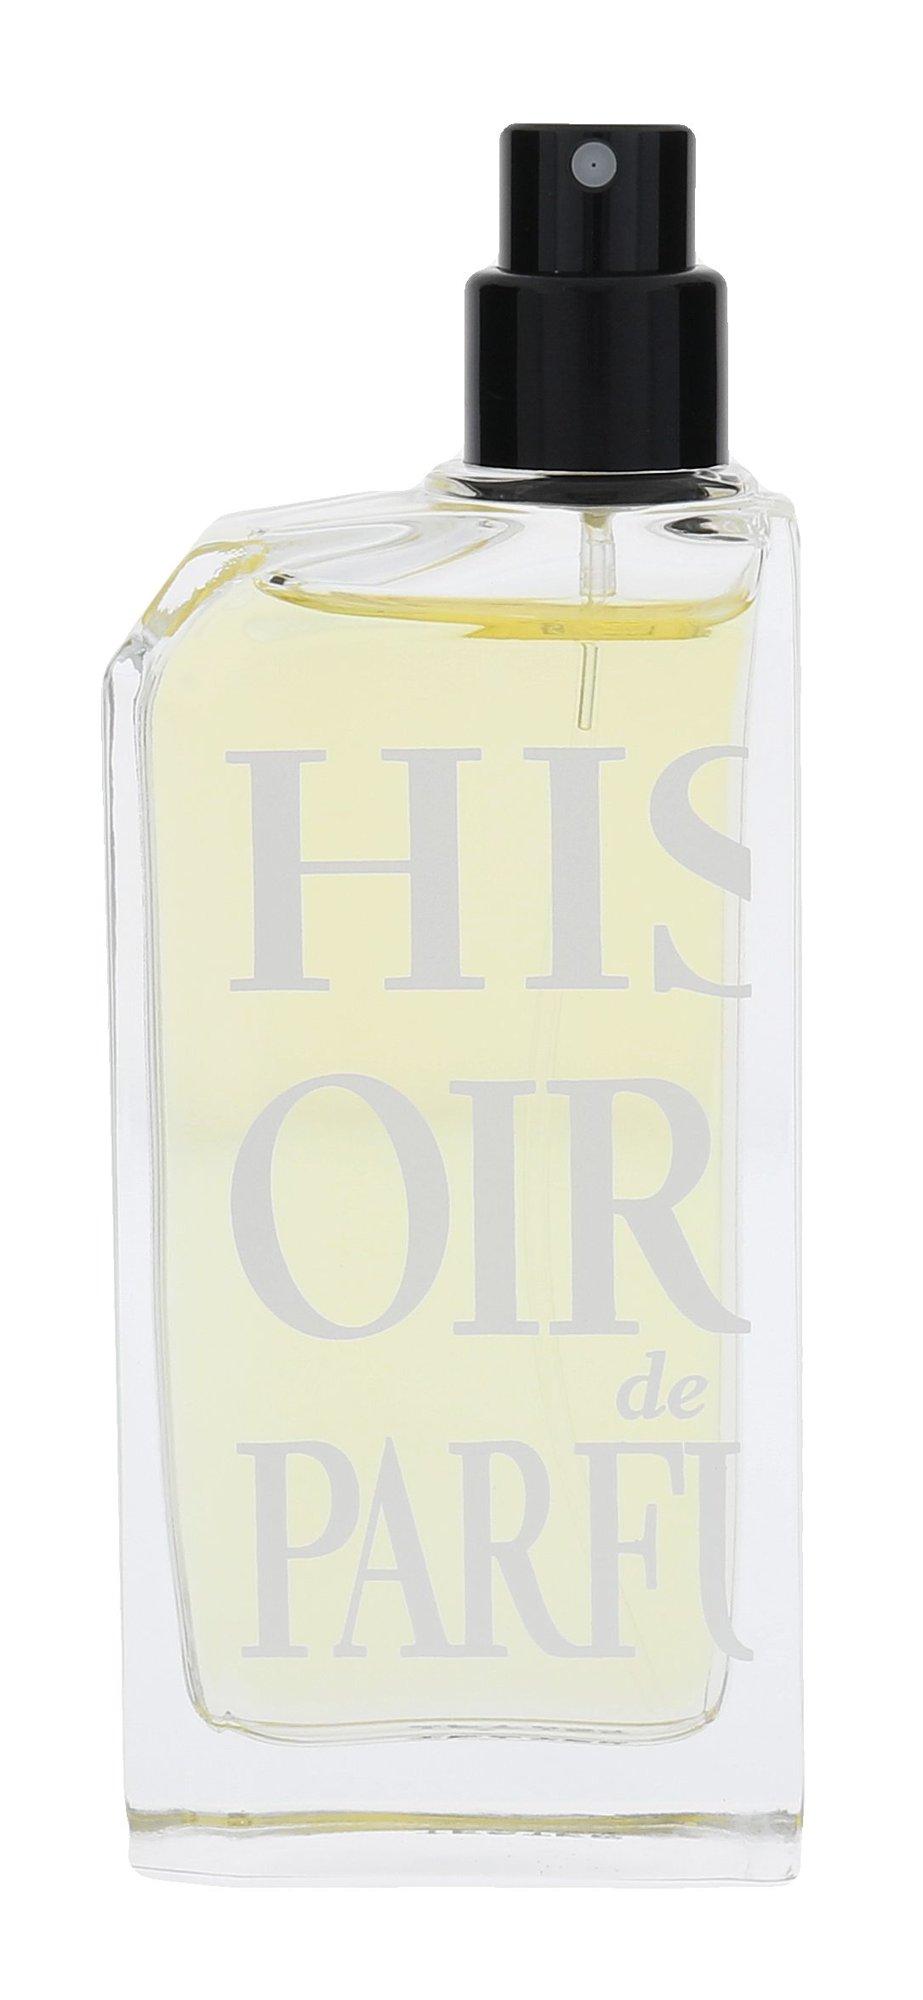 Histoires de Parfums Tubereuse 1 Capricieuse EDP 60ml